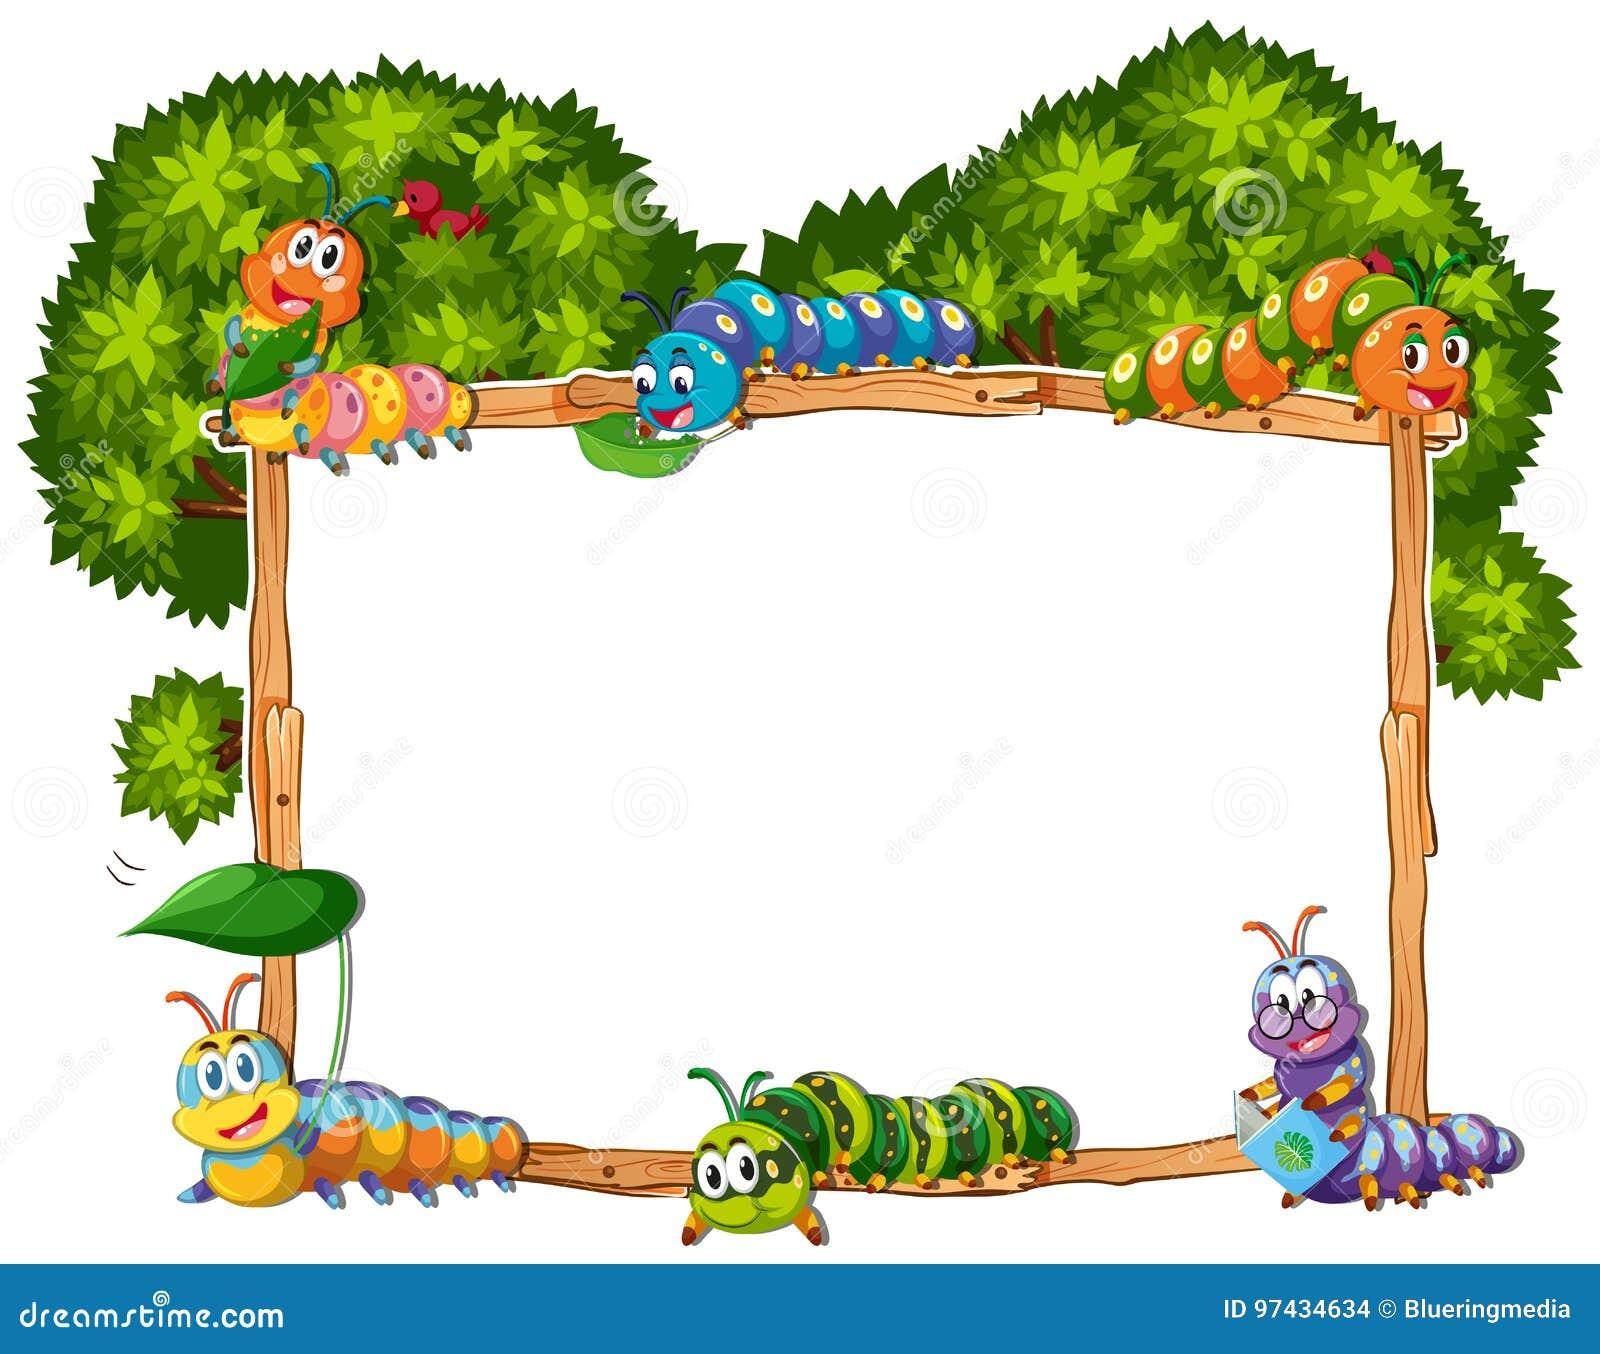 Molde do quadro com lagarta e árvore